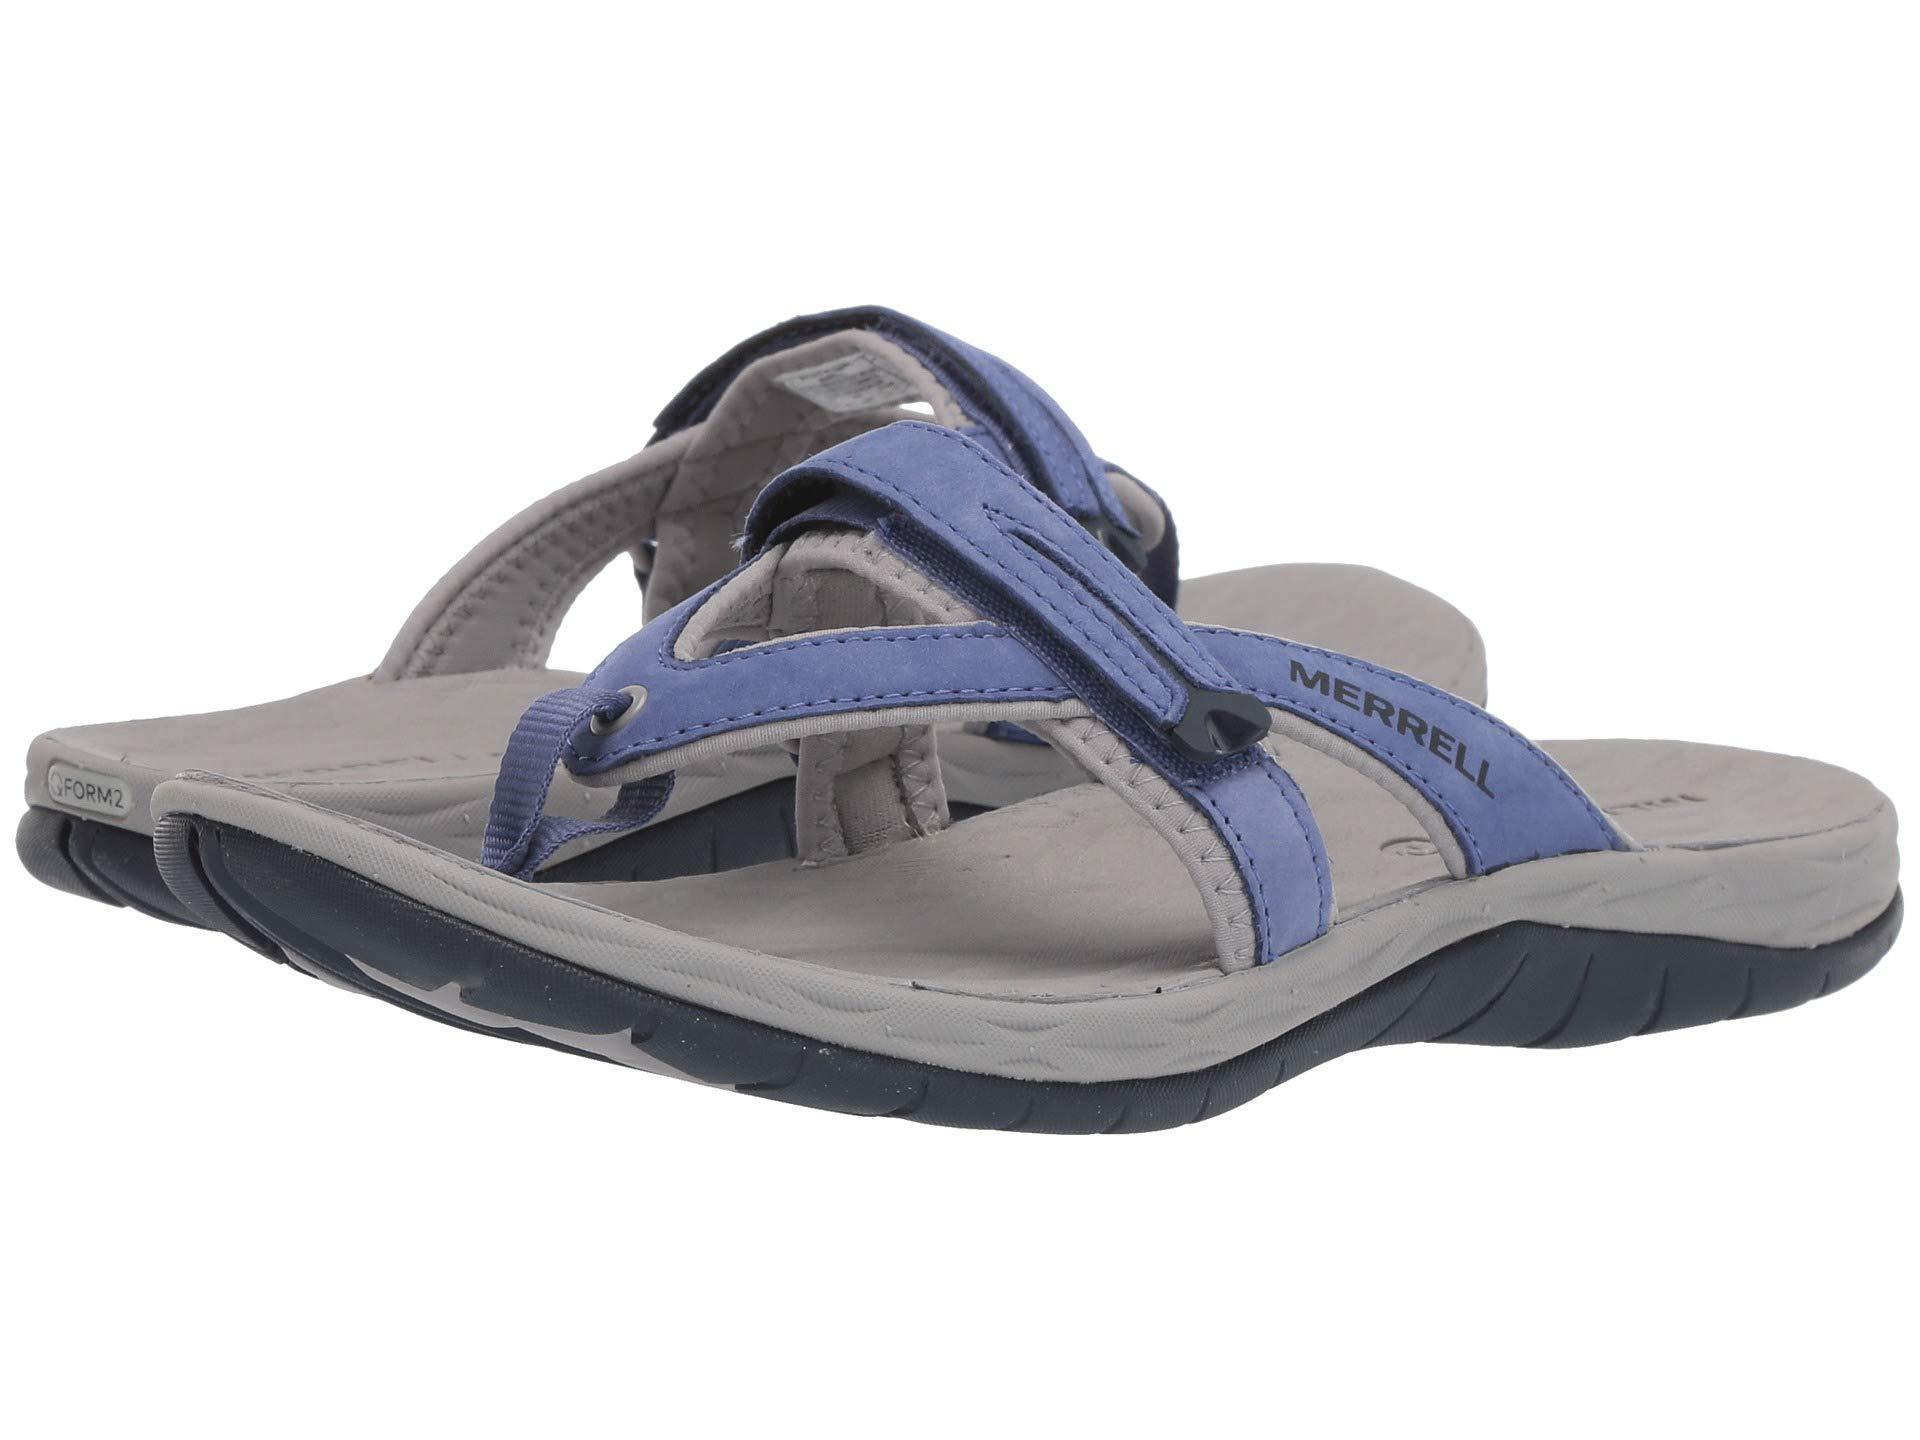 49580d1782a6 Merrell - Multicolor Siren Flip Q2 (velvet Morning) Women s Sandals - Lyst.  View fullscreen